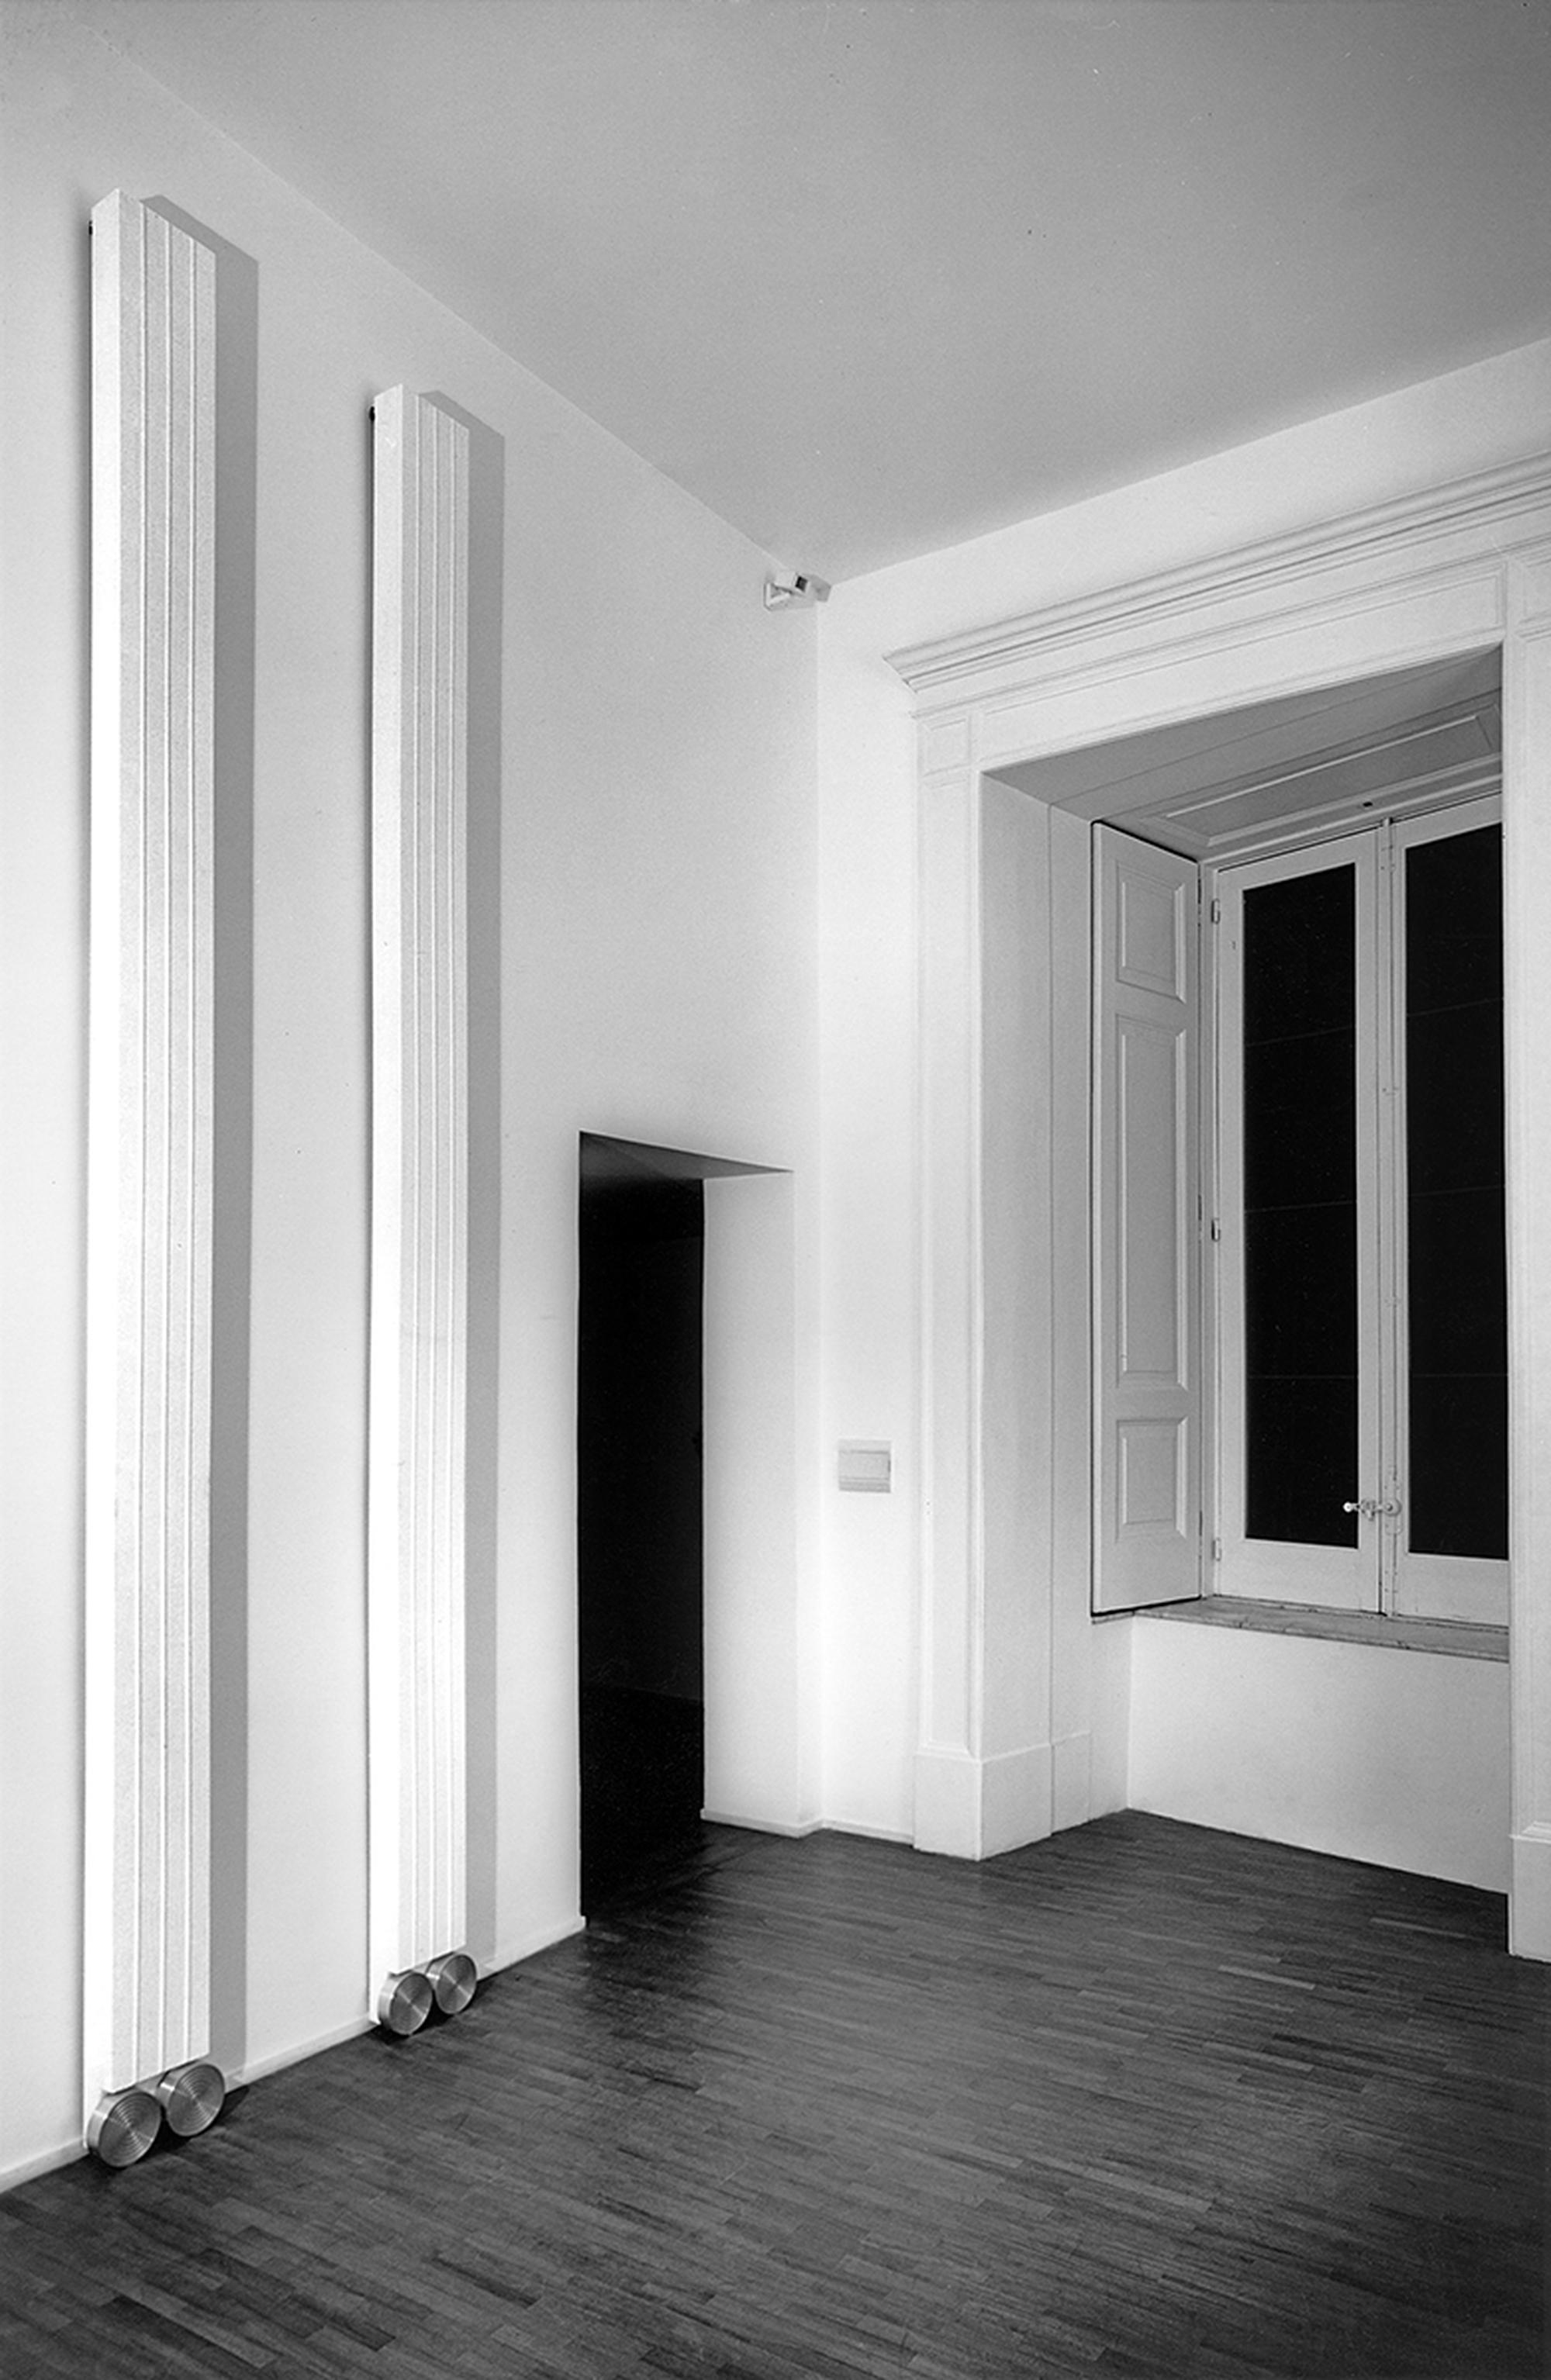 Lesene, Installazione Galleria Raucci Santamaria, Napoli